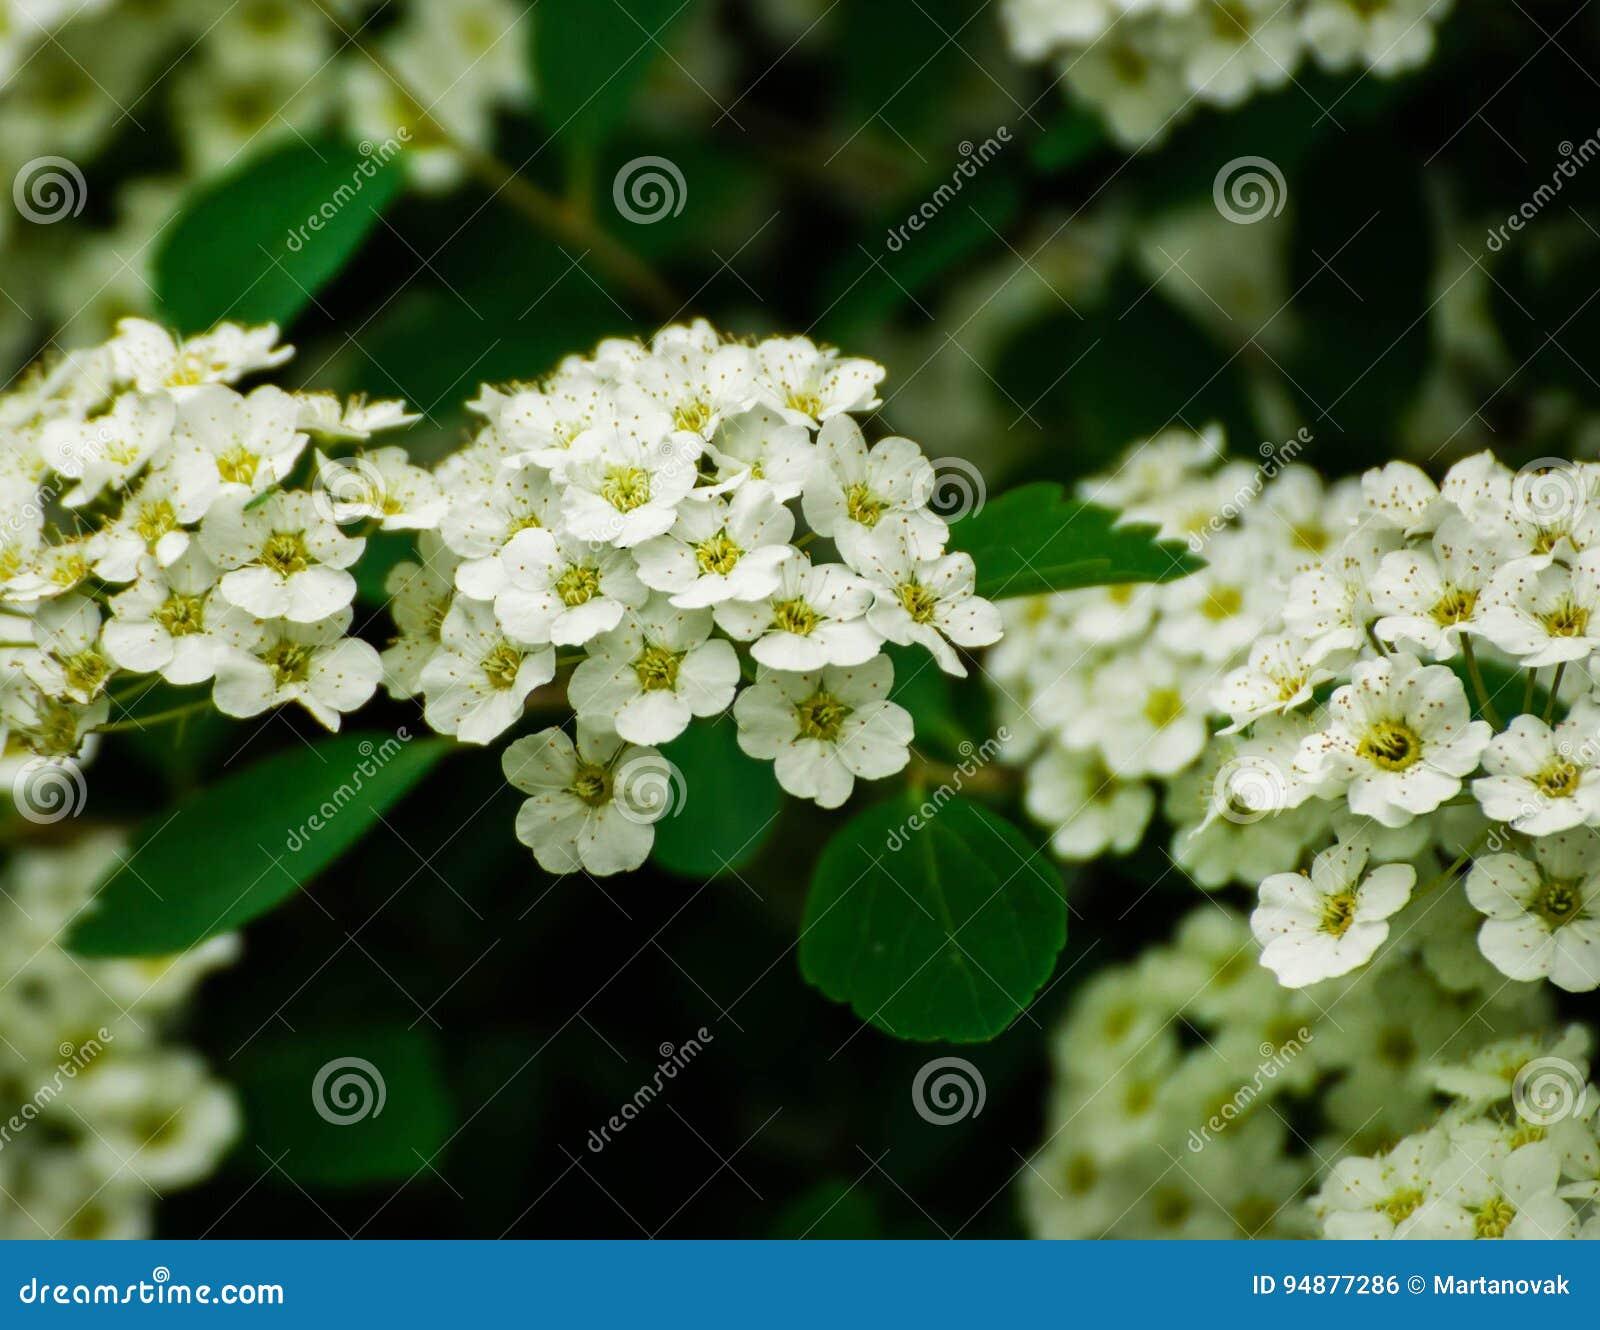 Spiraea With Small White Flowers Meadowsweet Flowerswhite Spiraea